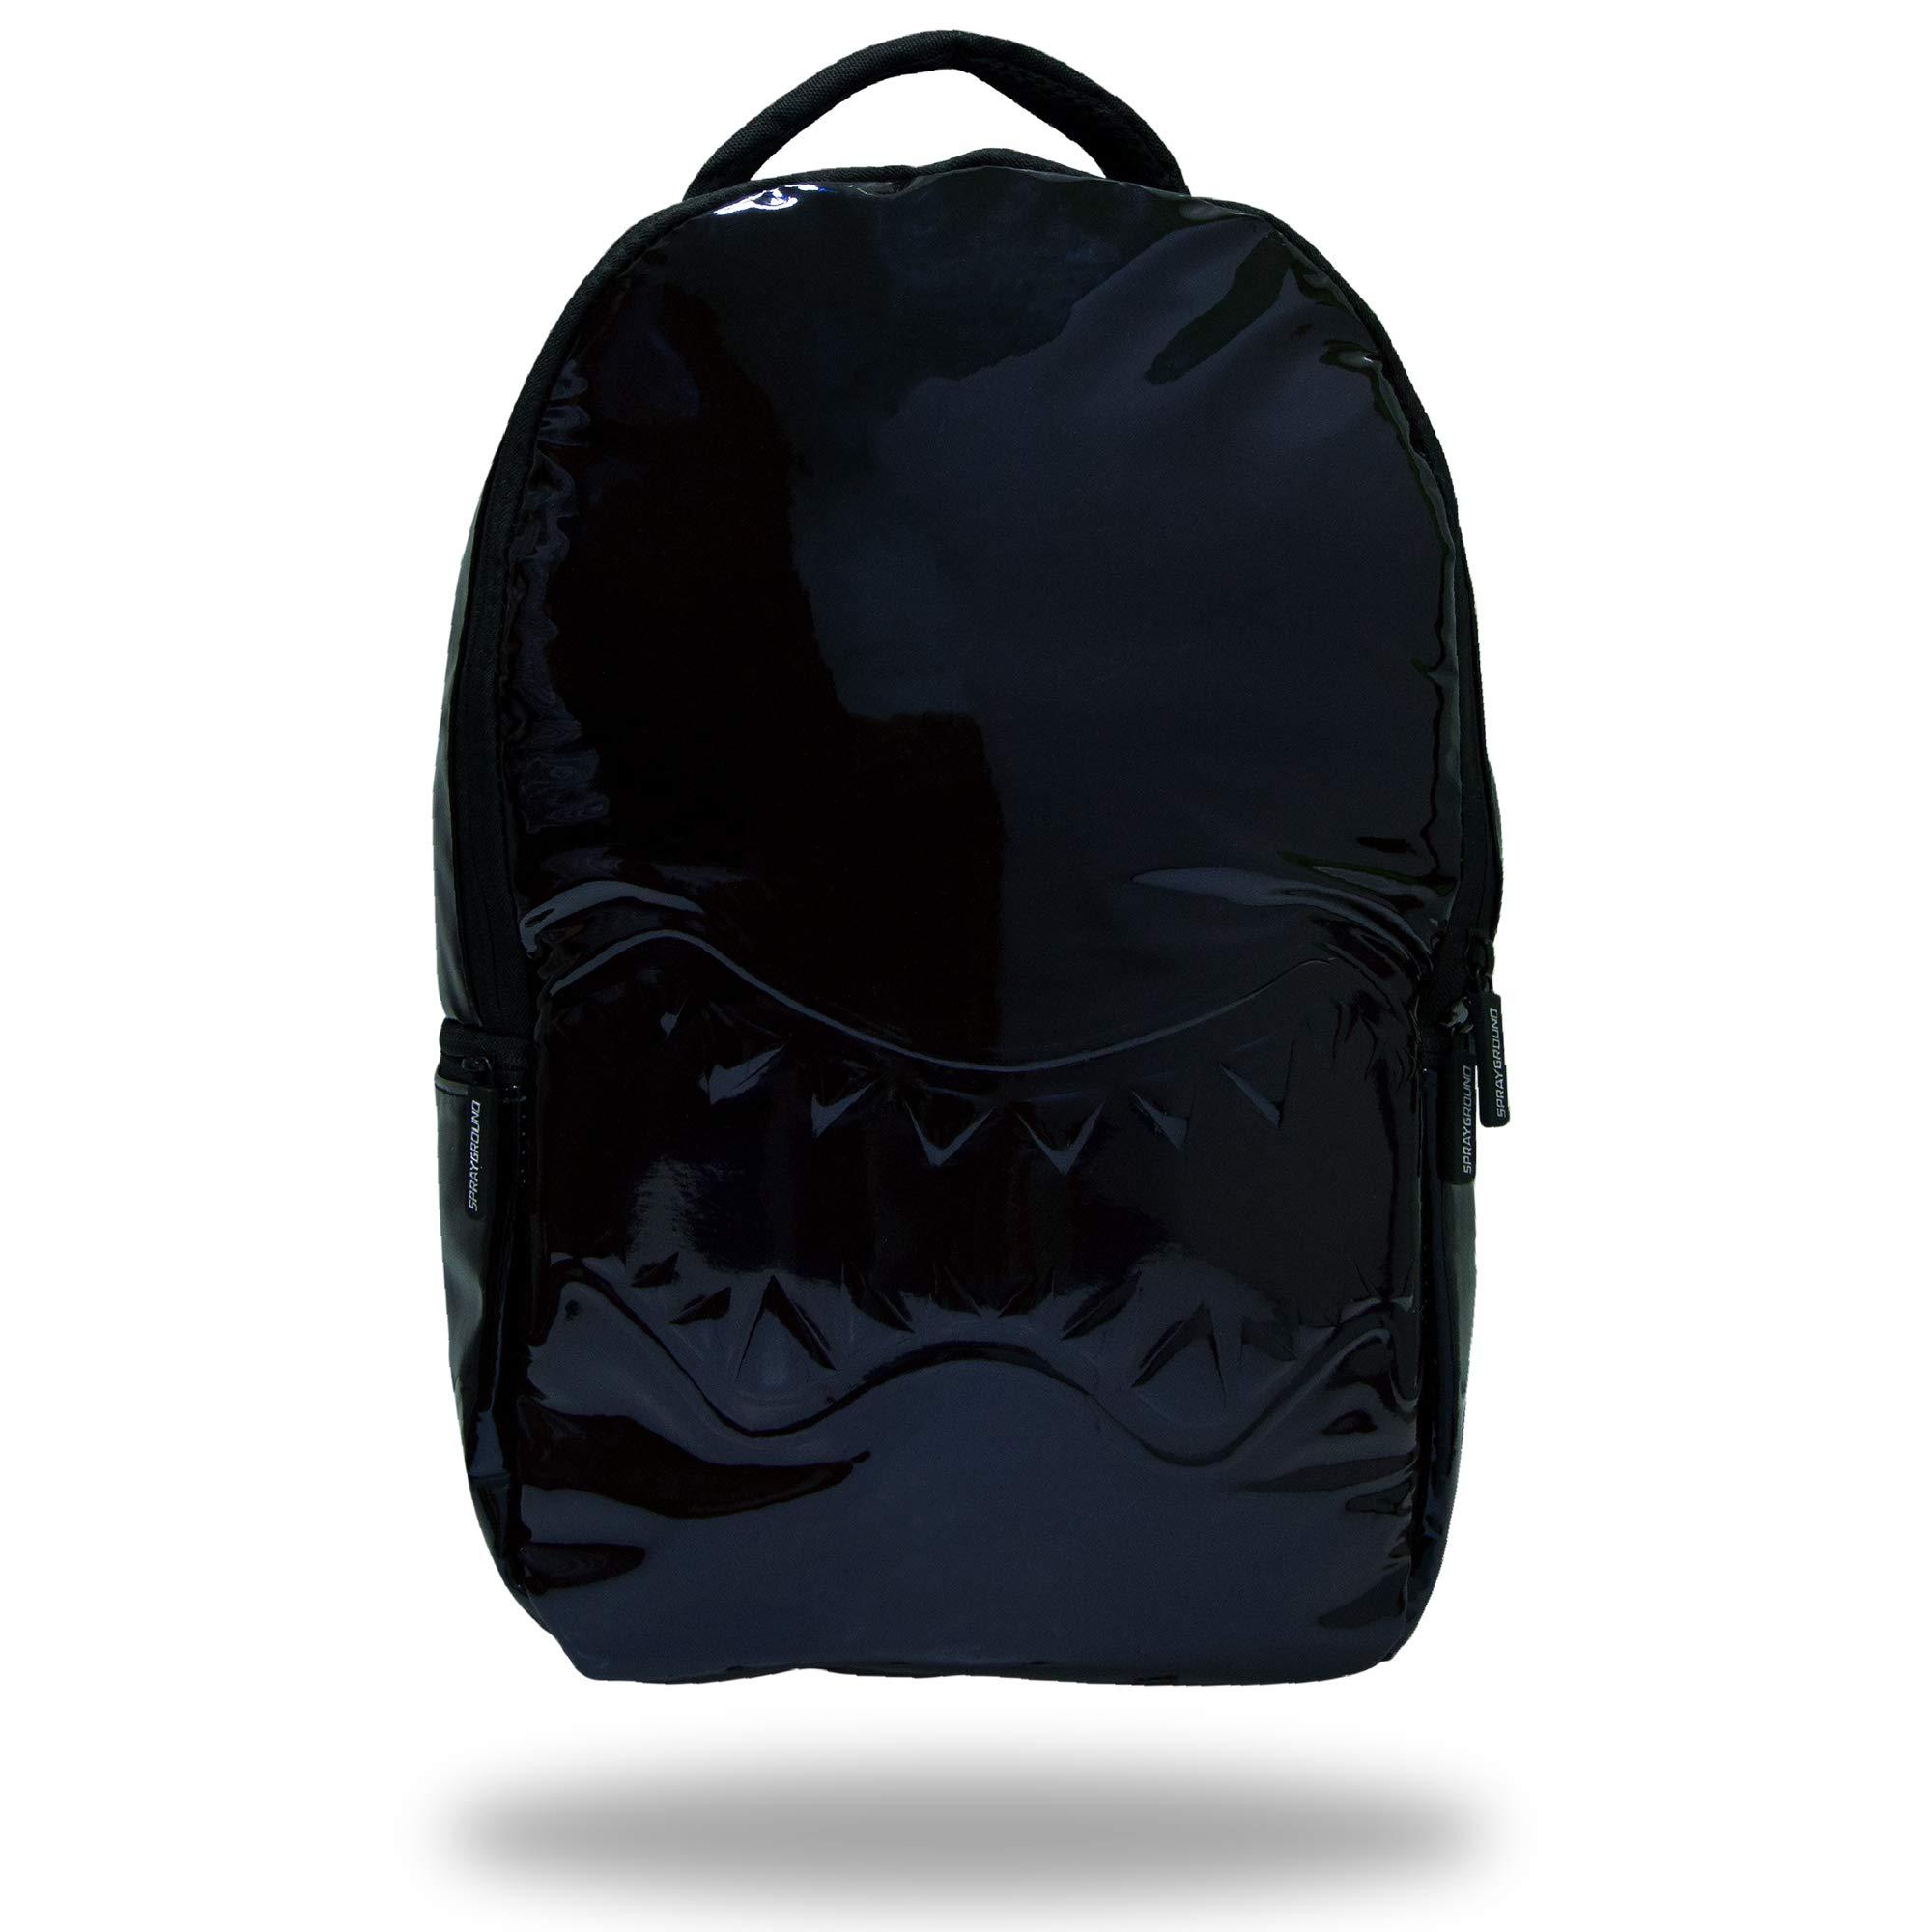 Sprayground metallic backpack DELUXE (blue) by Sprayground-